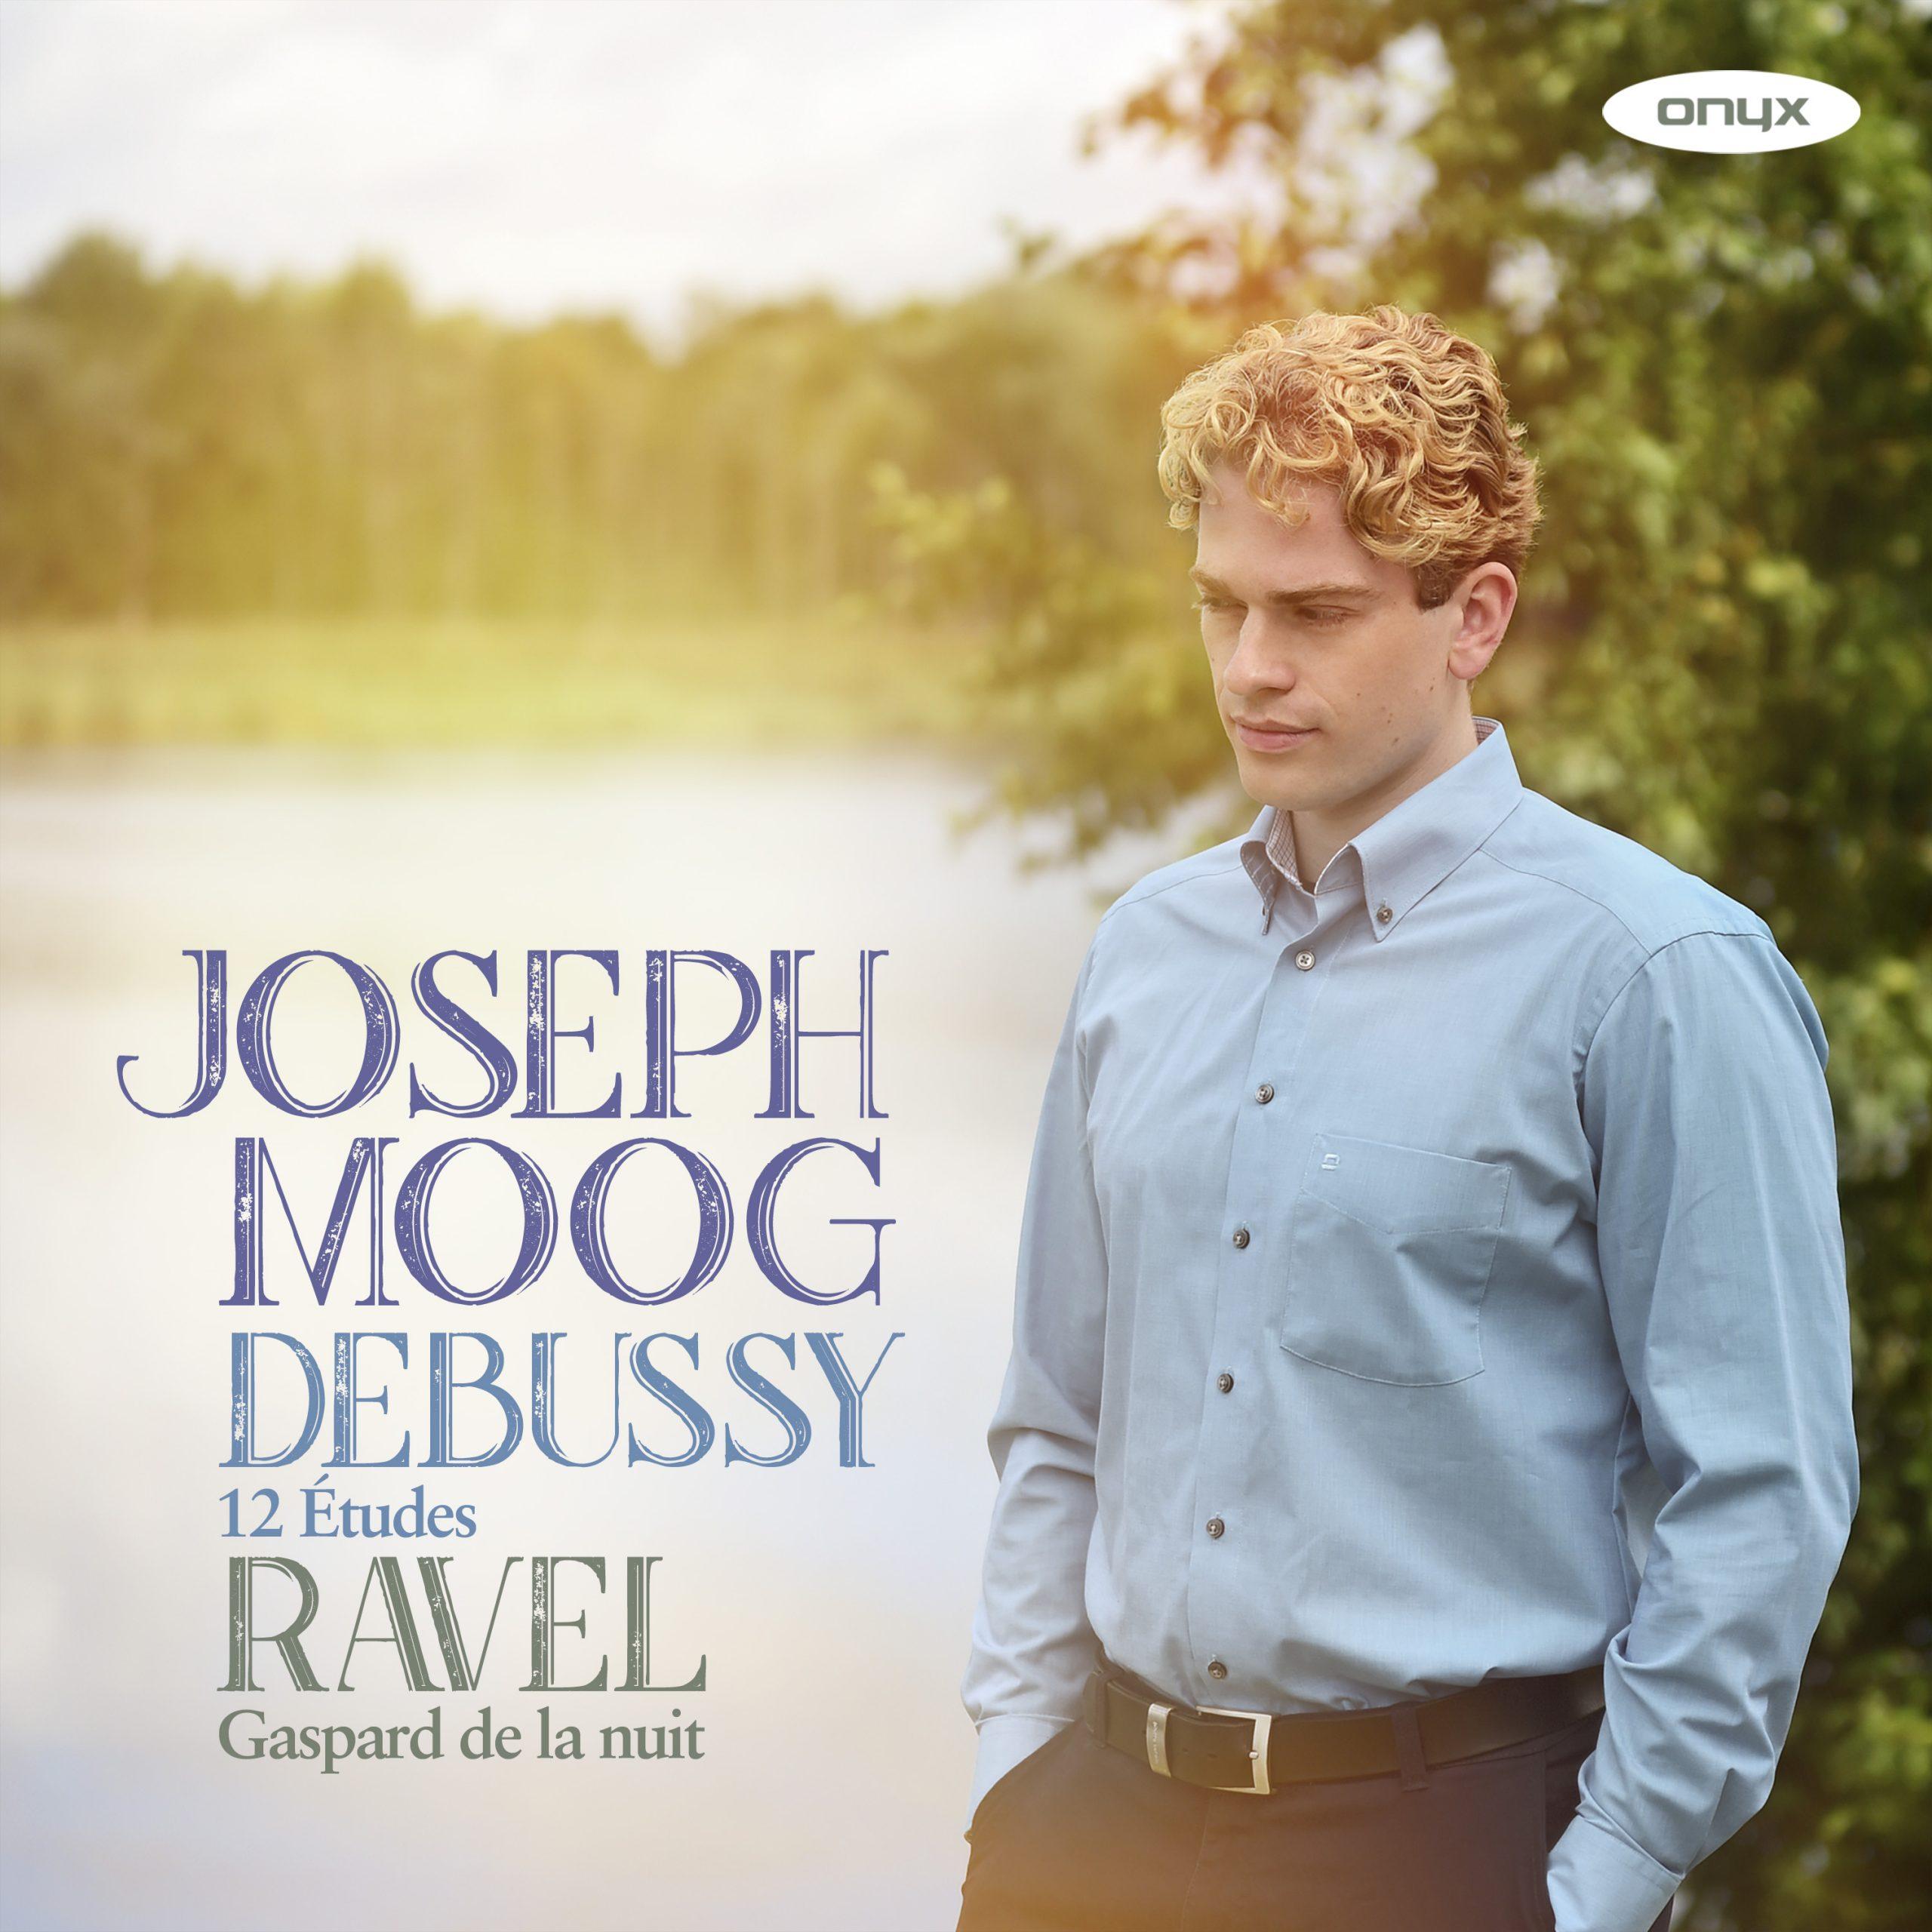 Debussy: 12 Études / Ravel: Gaspard de la nuit